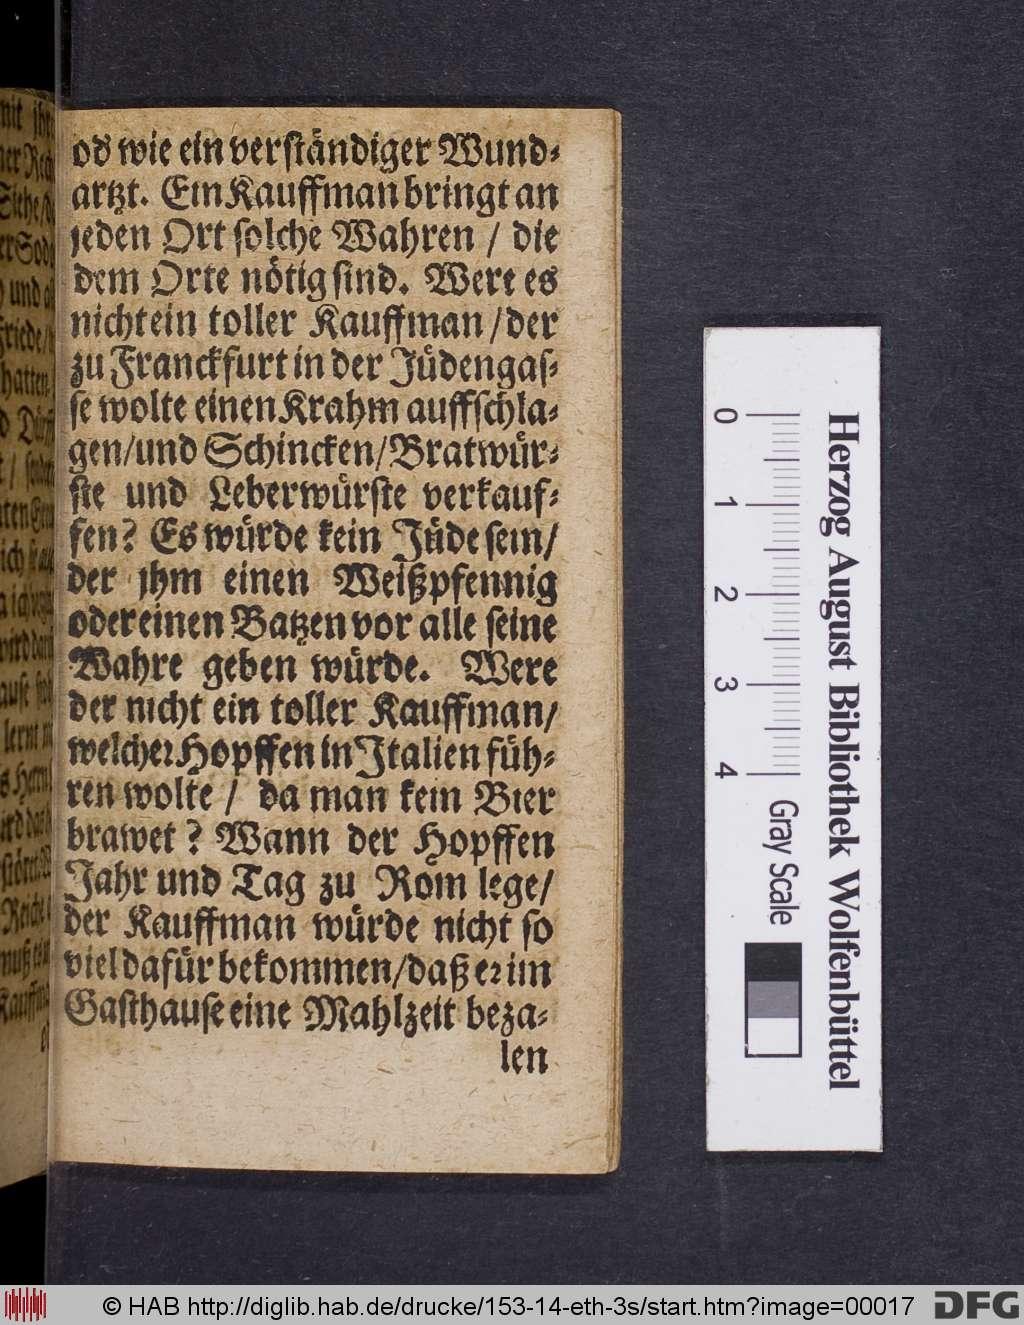 http://diglib.hab.de/drucke/153-14-eth-3s/00017.jpg